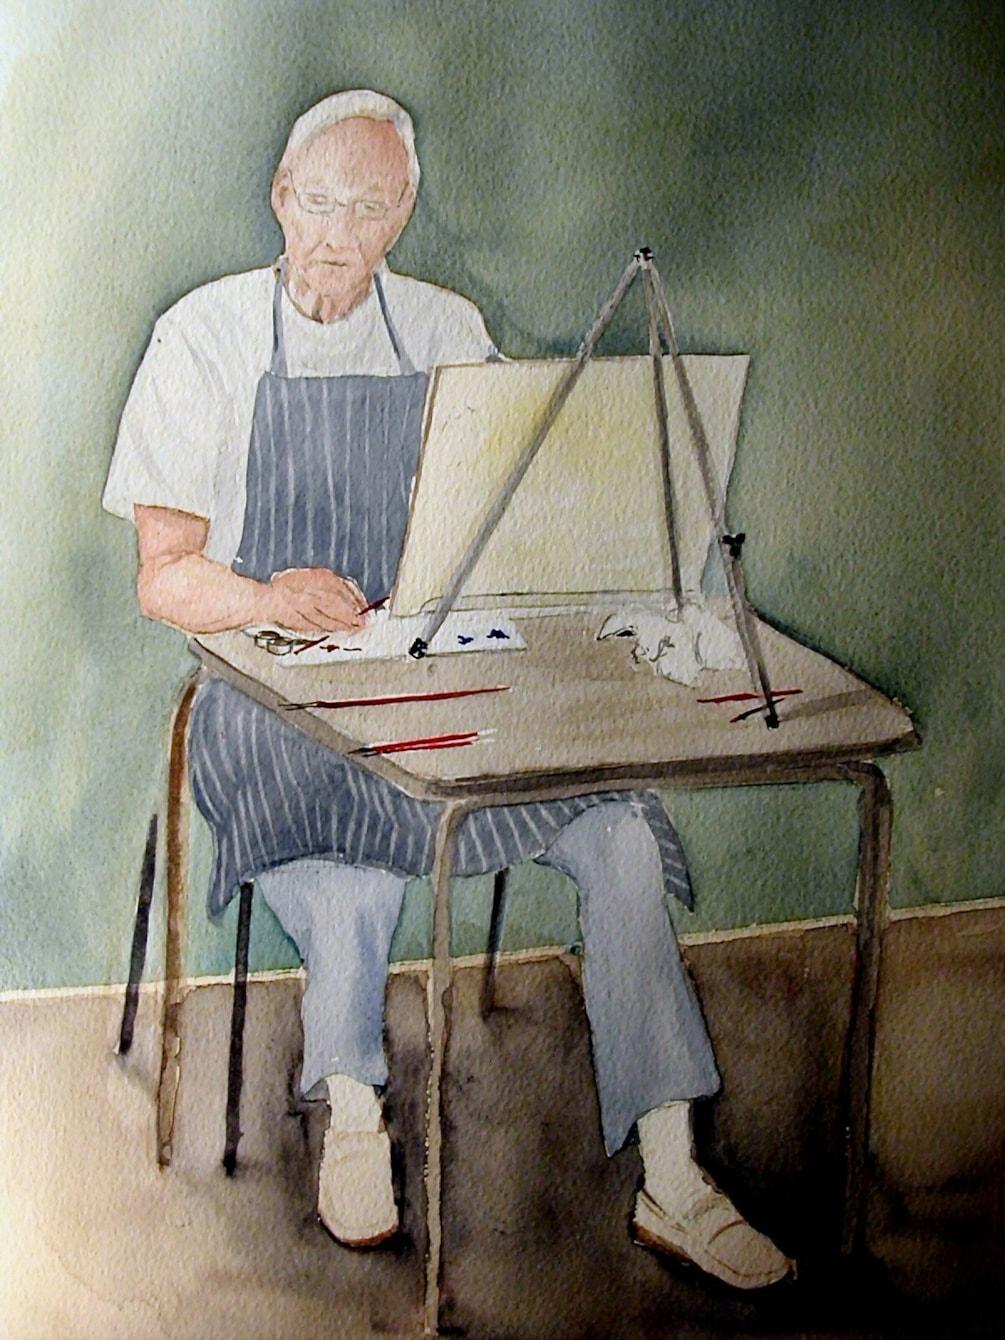 A fellow artist